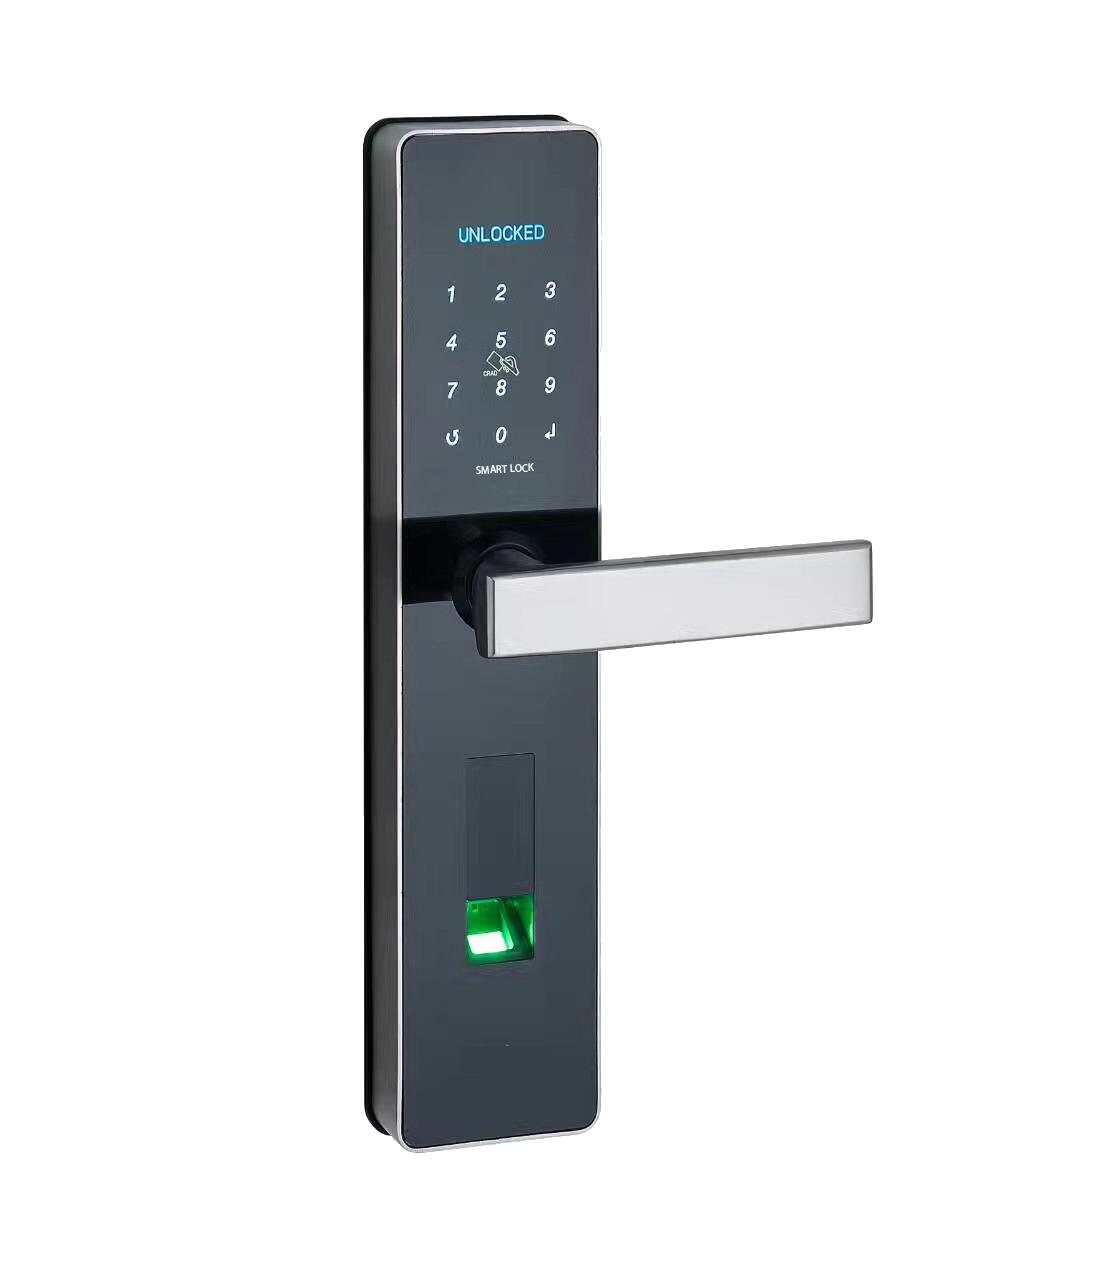 Hotel Locks, Rfid Door Lock, EAS System, Smart Home Importer